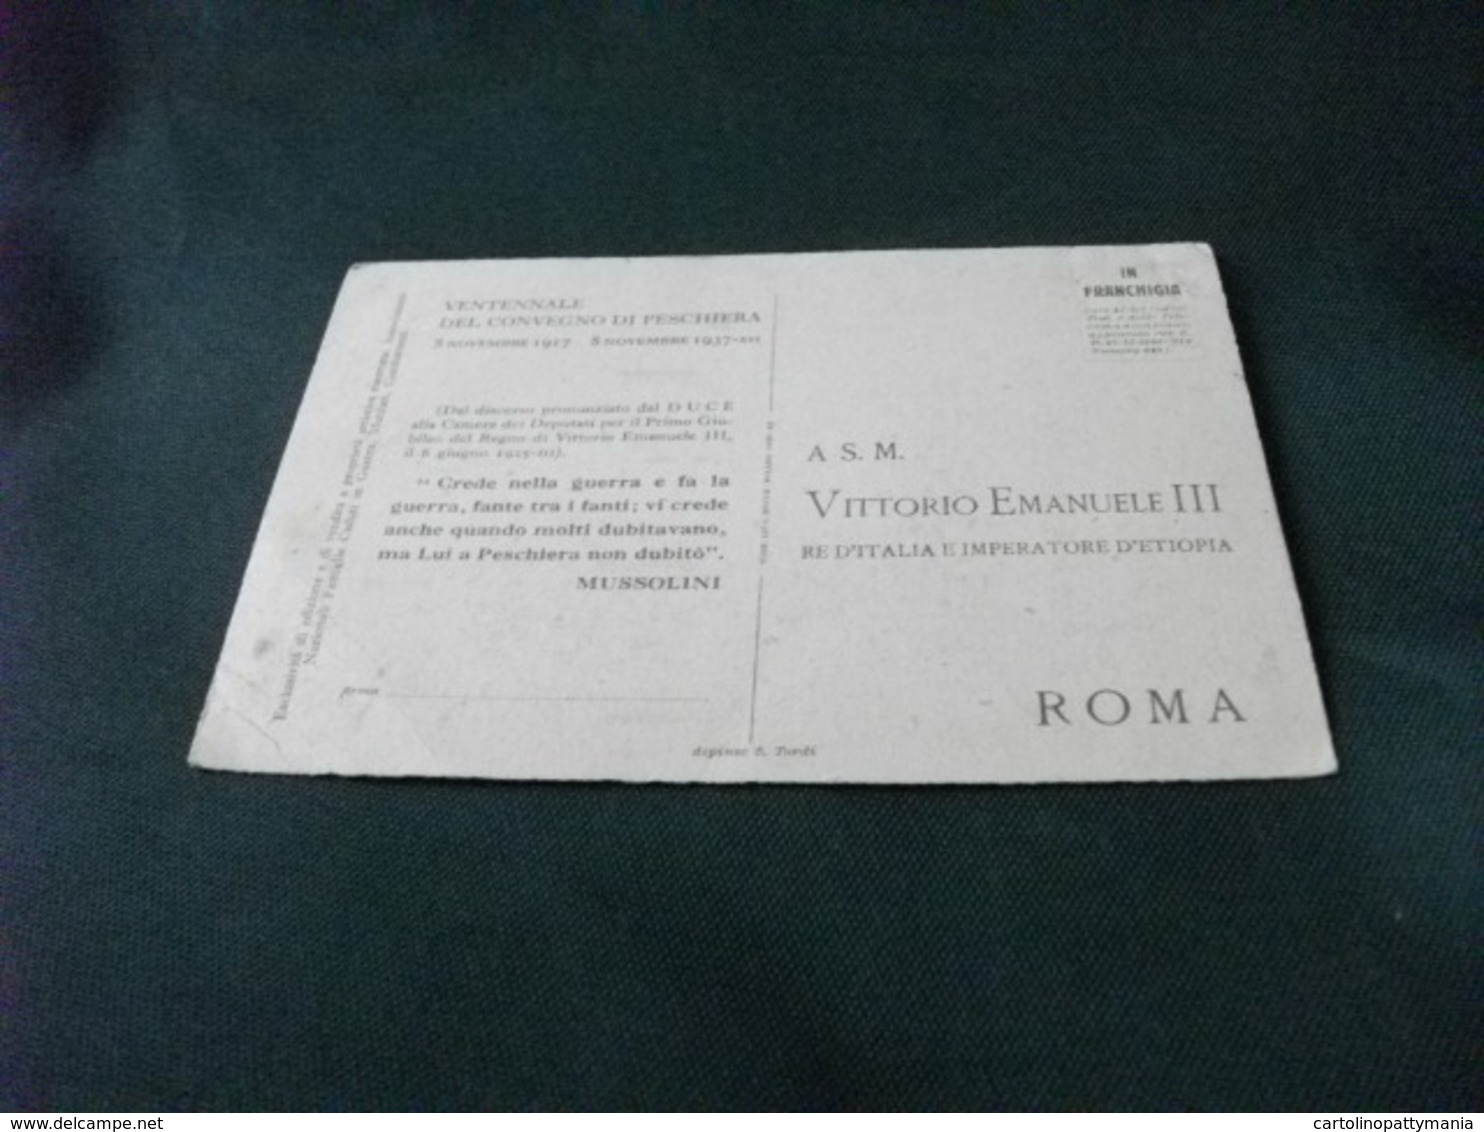 VENTENNALE DEL CONVEGNO DI PESCHIERA 1917 1937 BRANO MUSSOLINI CARTOLINA IN FRANCHIGIA A VITTORIO EMANUELE III PIEGHE - Non Classificati